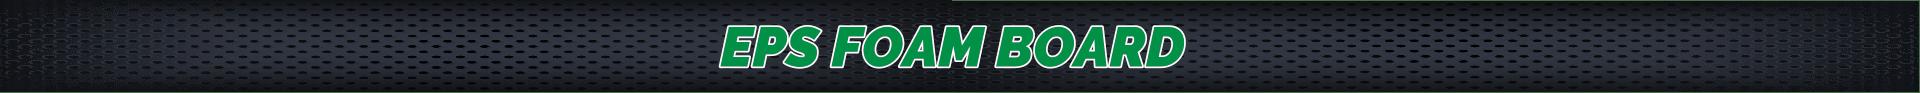 full_width_foam_board_banner-min